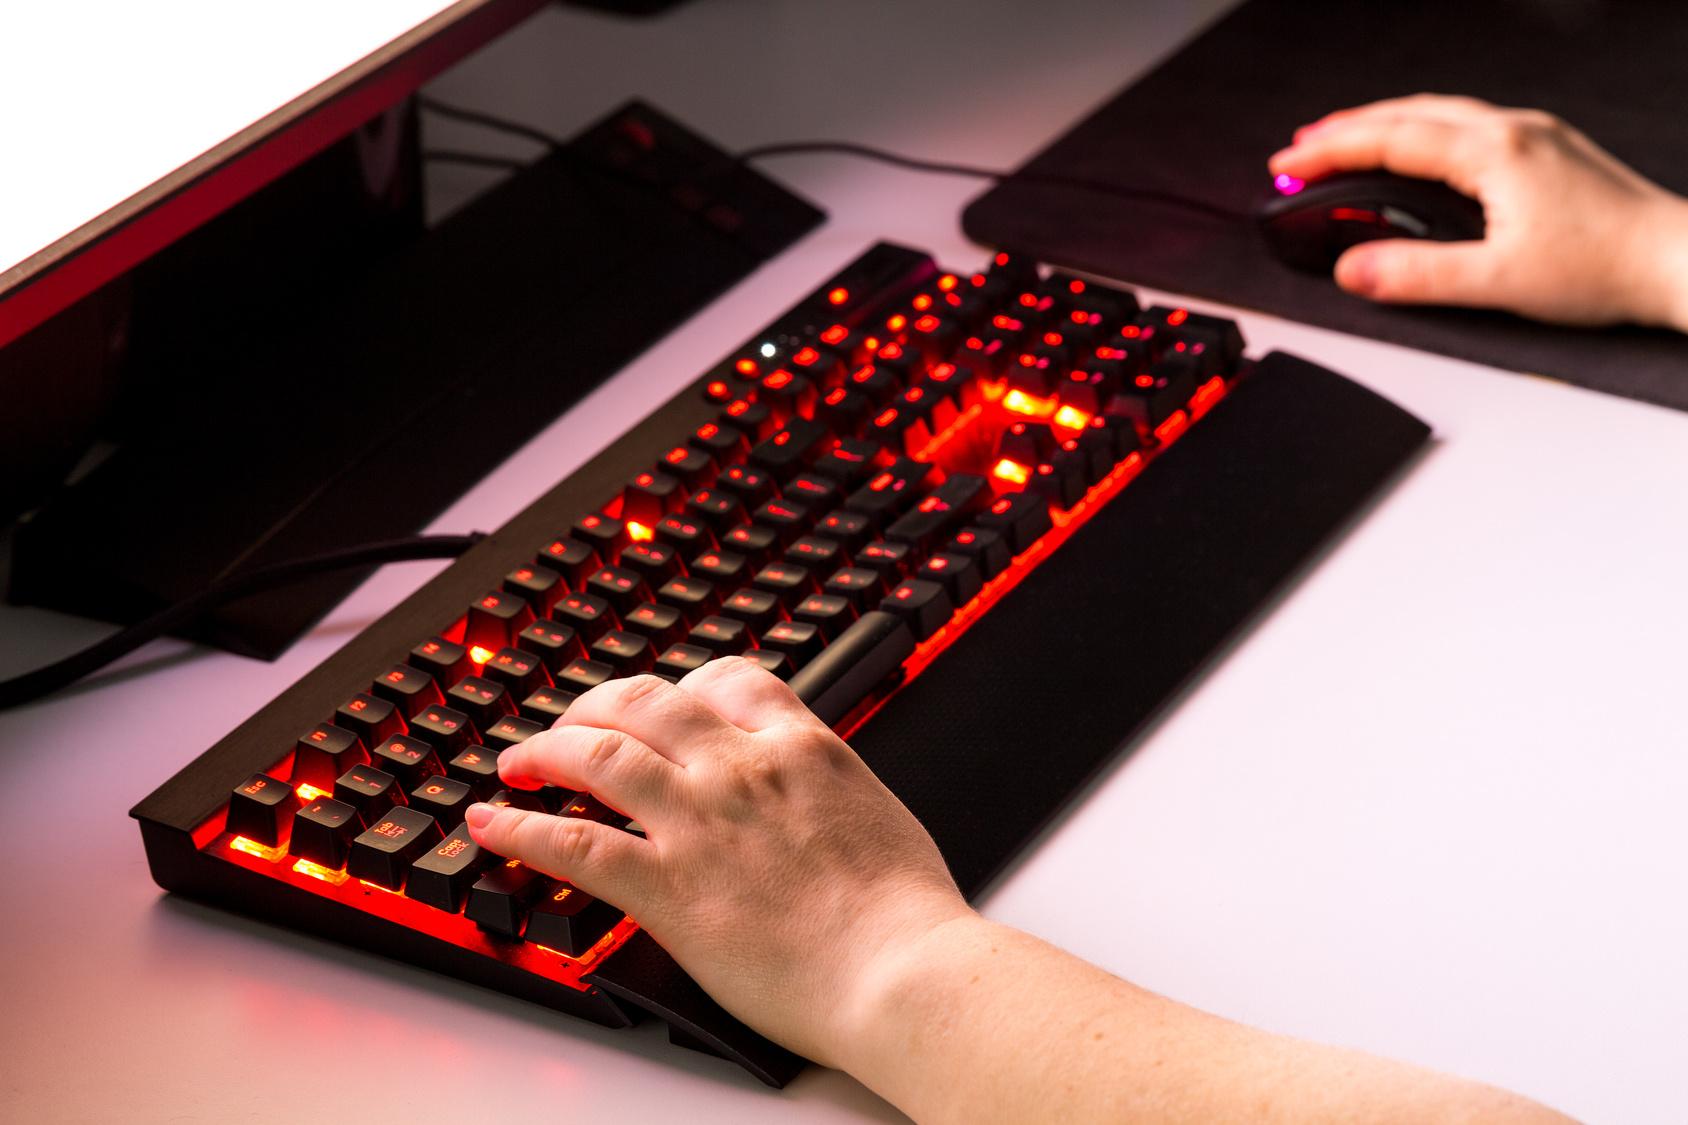 Die besten Gaming-Tastaturen - Test 2019